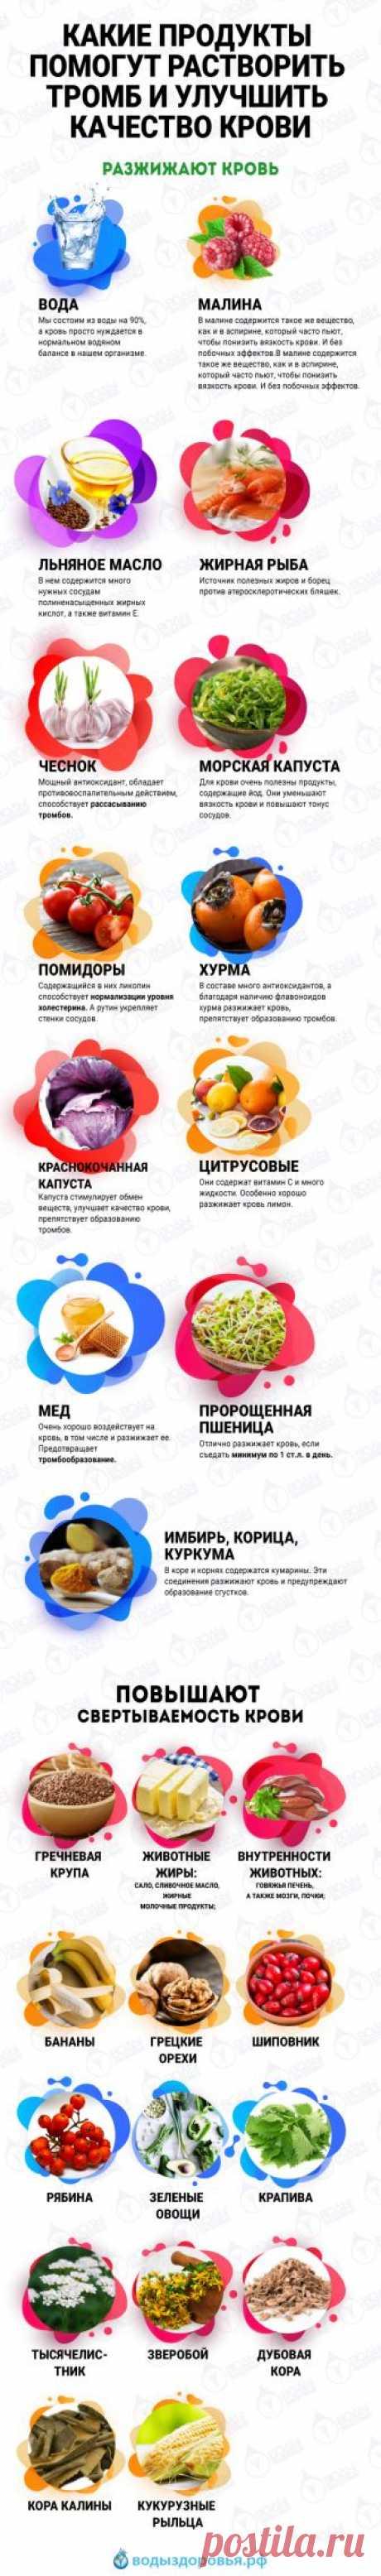 Какие продукты помогут растворить тромб и улучшить качество крови